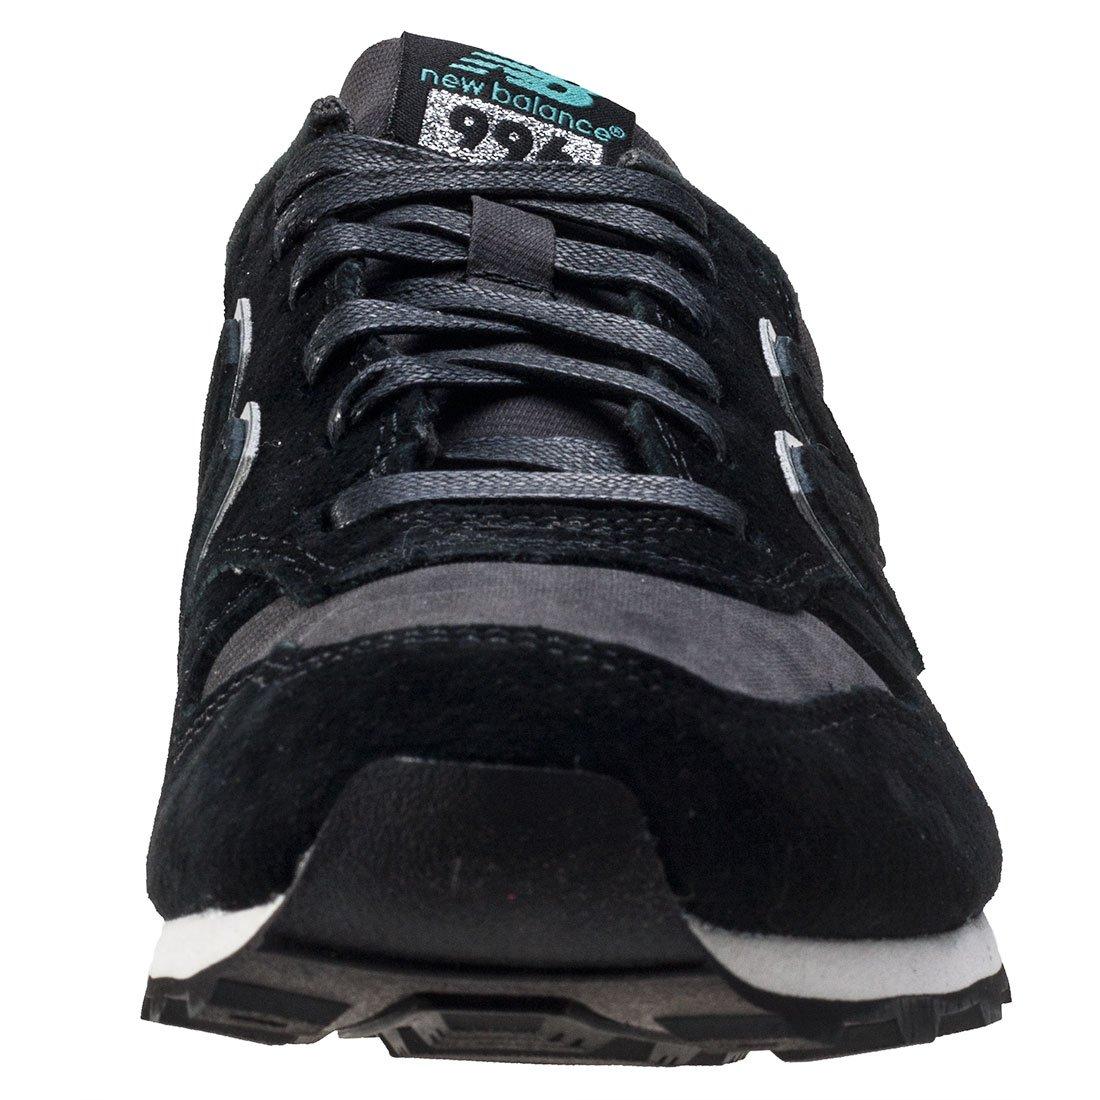 New Balance WR996EA, Chaussures Femme, Noir, 35 EU  Amazon.fr  Chaussures  et Sacs b5ec083abdad